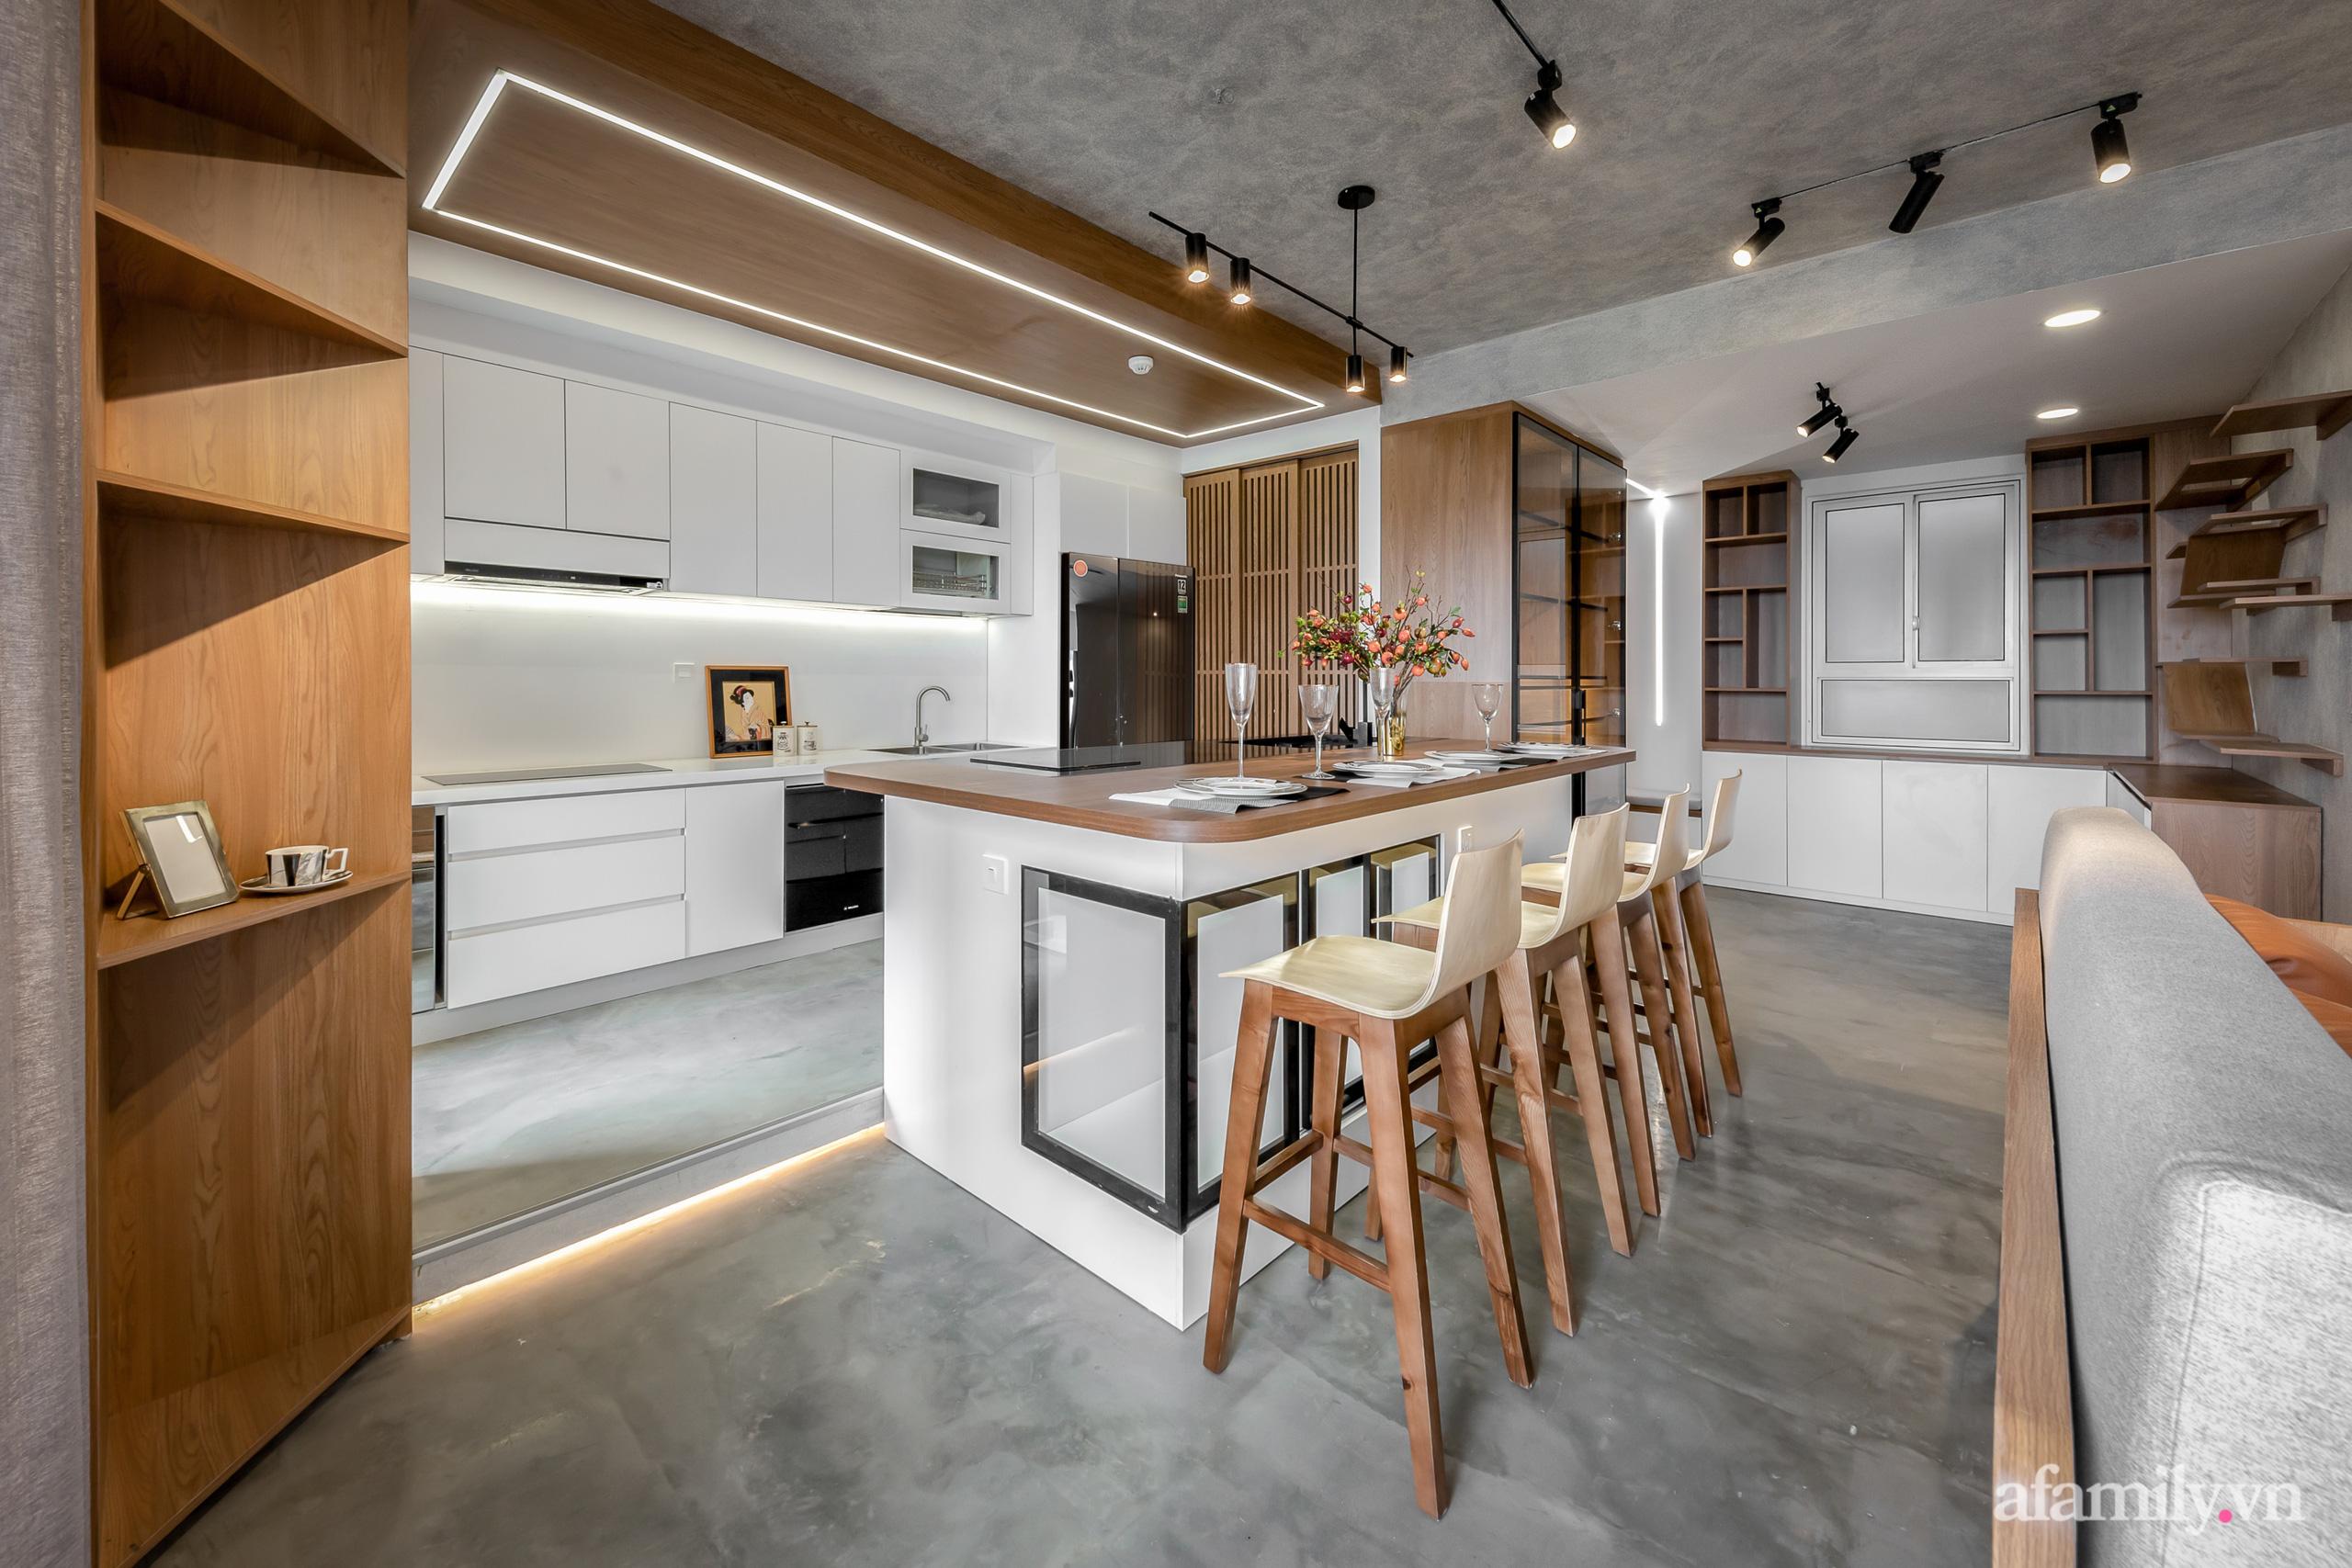 Căn hộ 106m² đẹp cá tính với hiệu ứng bê tông cùng phong cách tối giản có chi phí hoàn thiện 950 triệu đồng ở Sài Gòn - Ảnh 5.